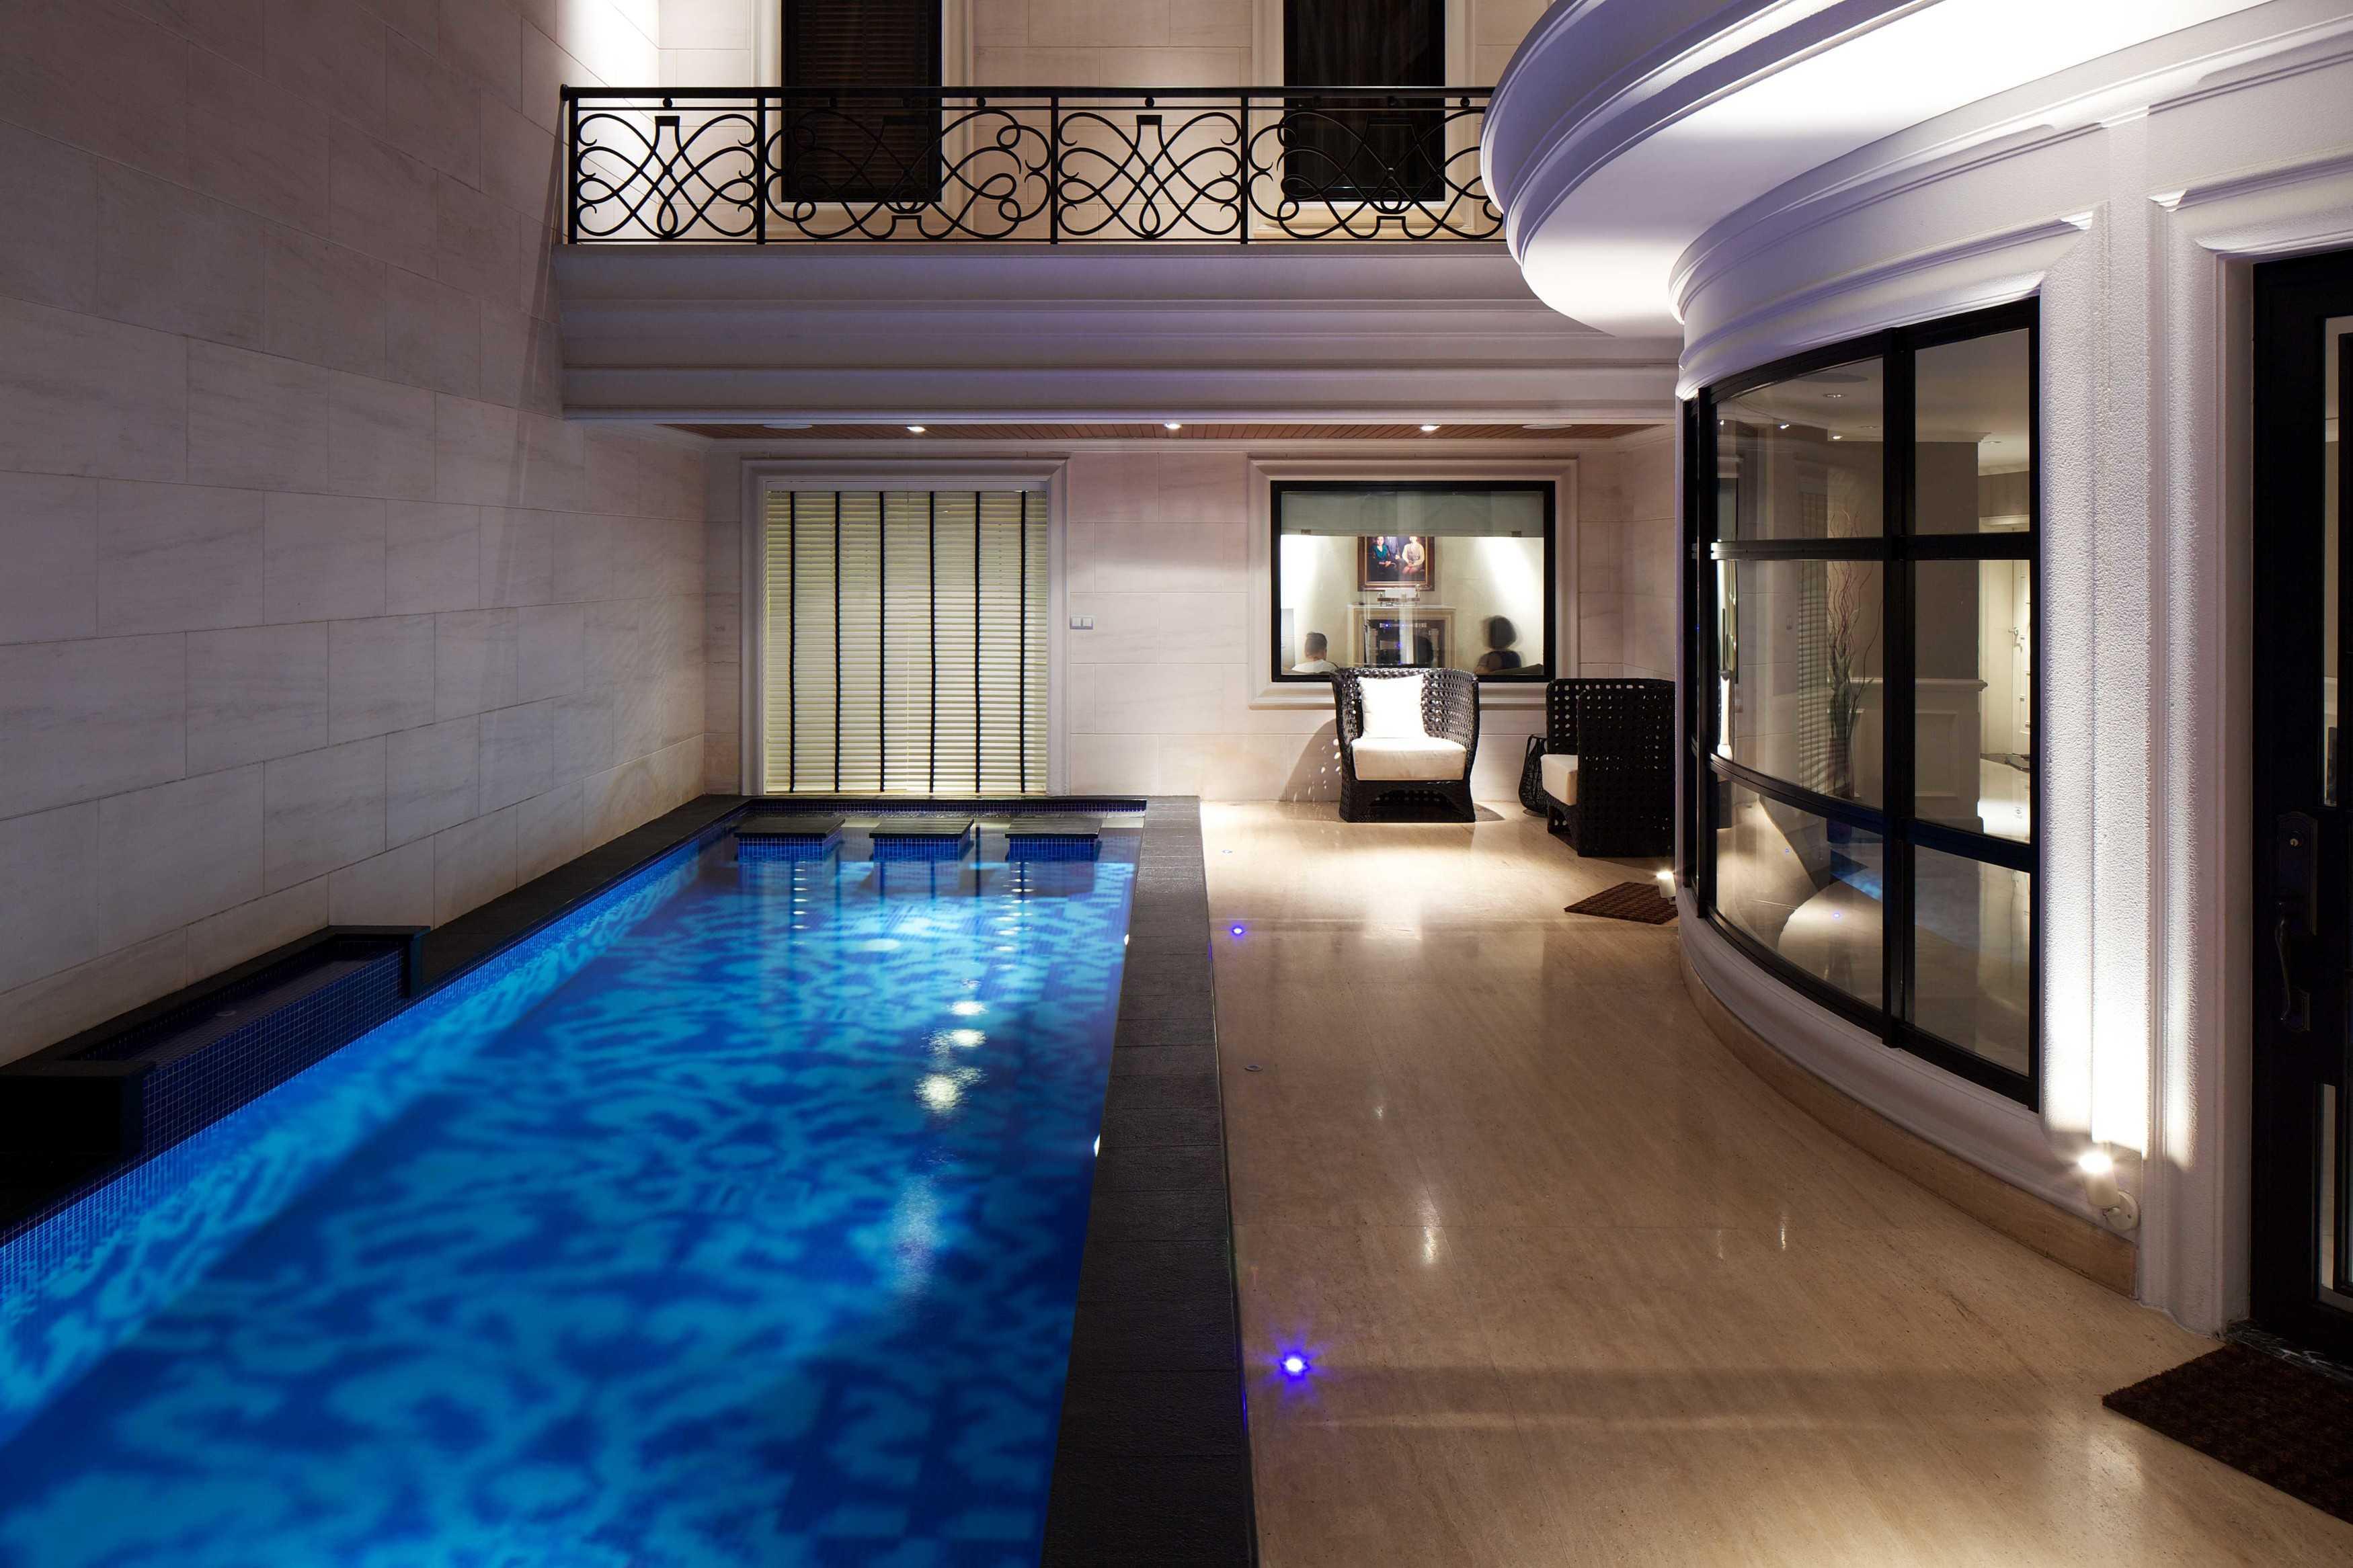 Vin•da•te Mayang Permai Residence Pantai Indah Kapuk - North Jakarta Pantai Indah Kapuk - North Jakarta Swimming Pool Kontemporer  17154